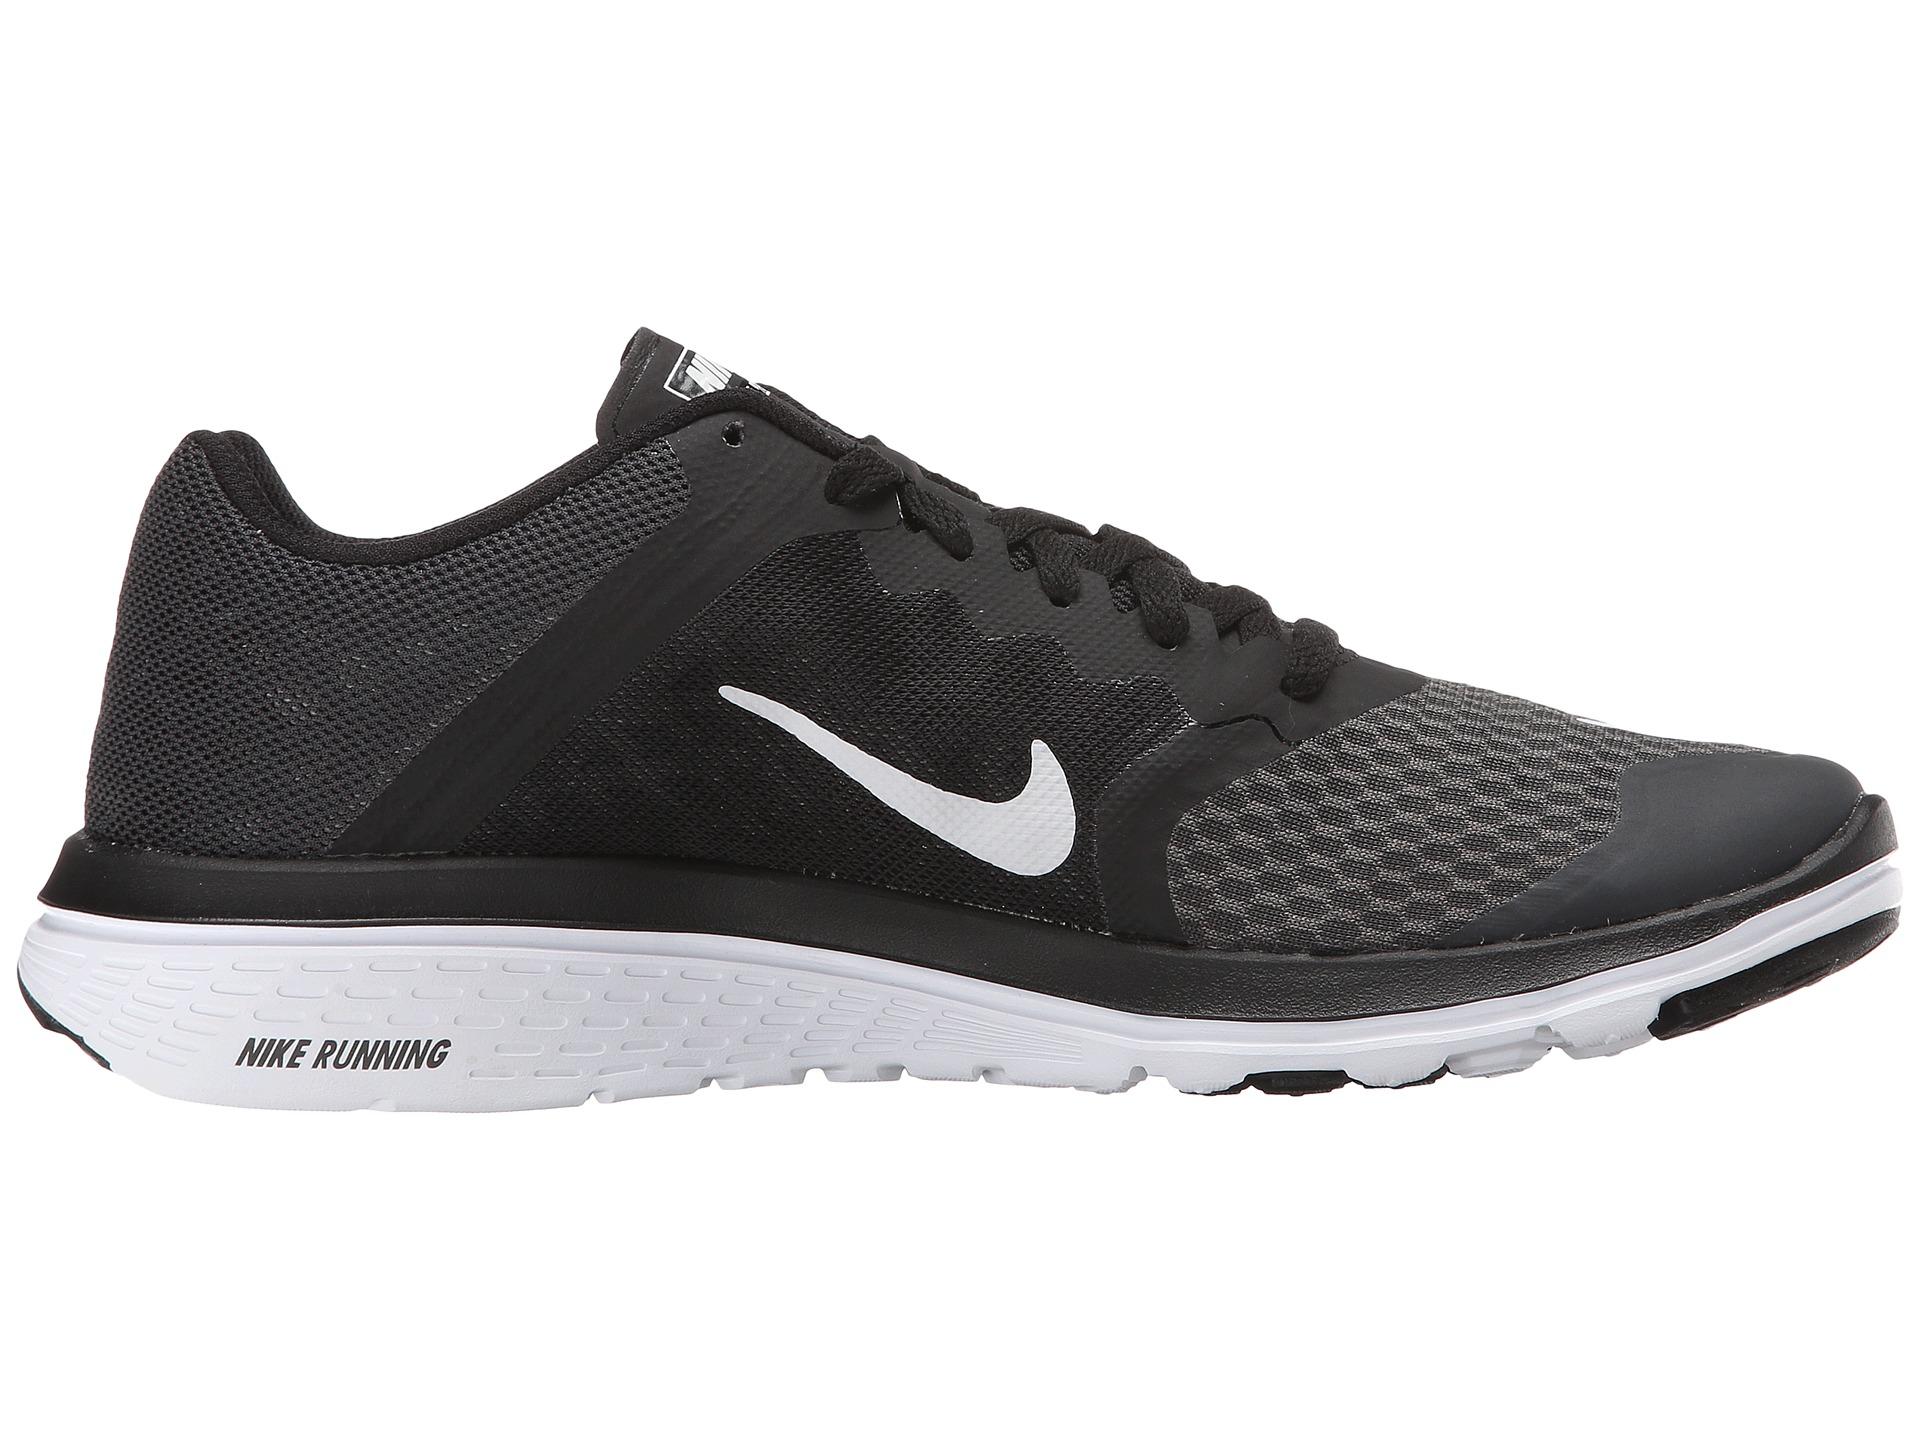 Nike Foamposite Zappos